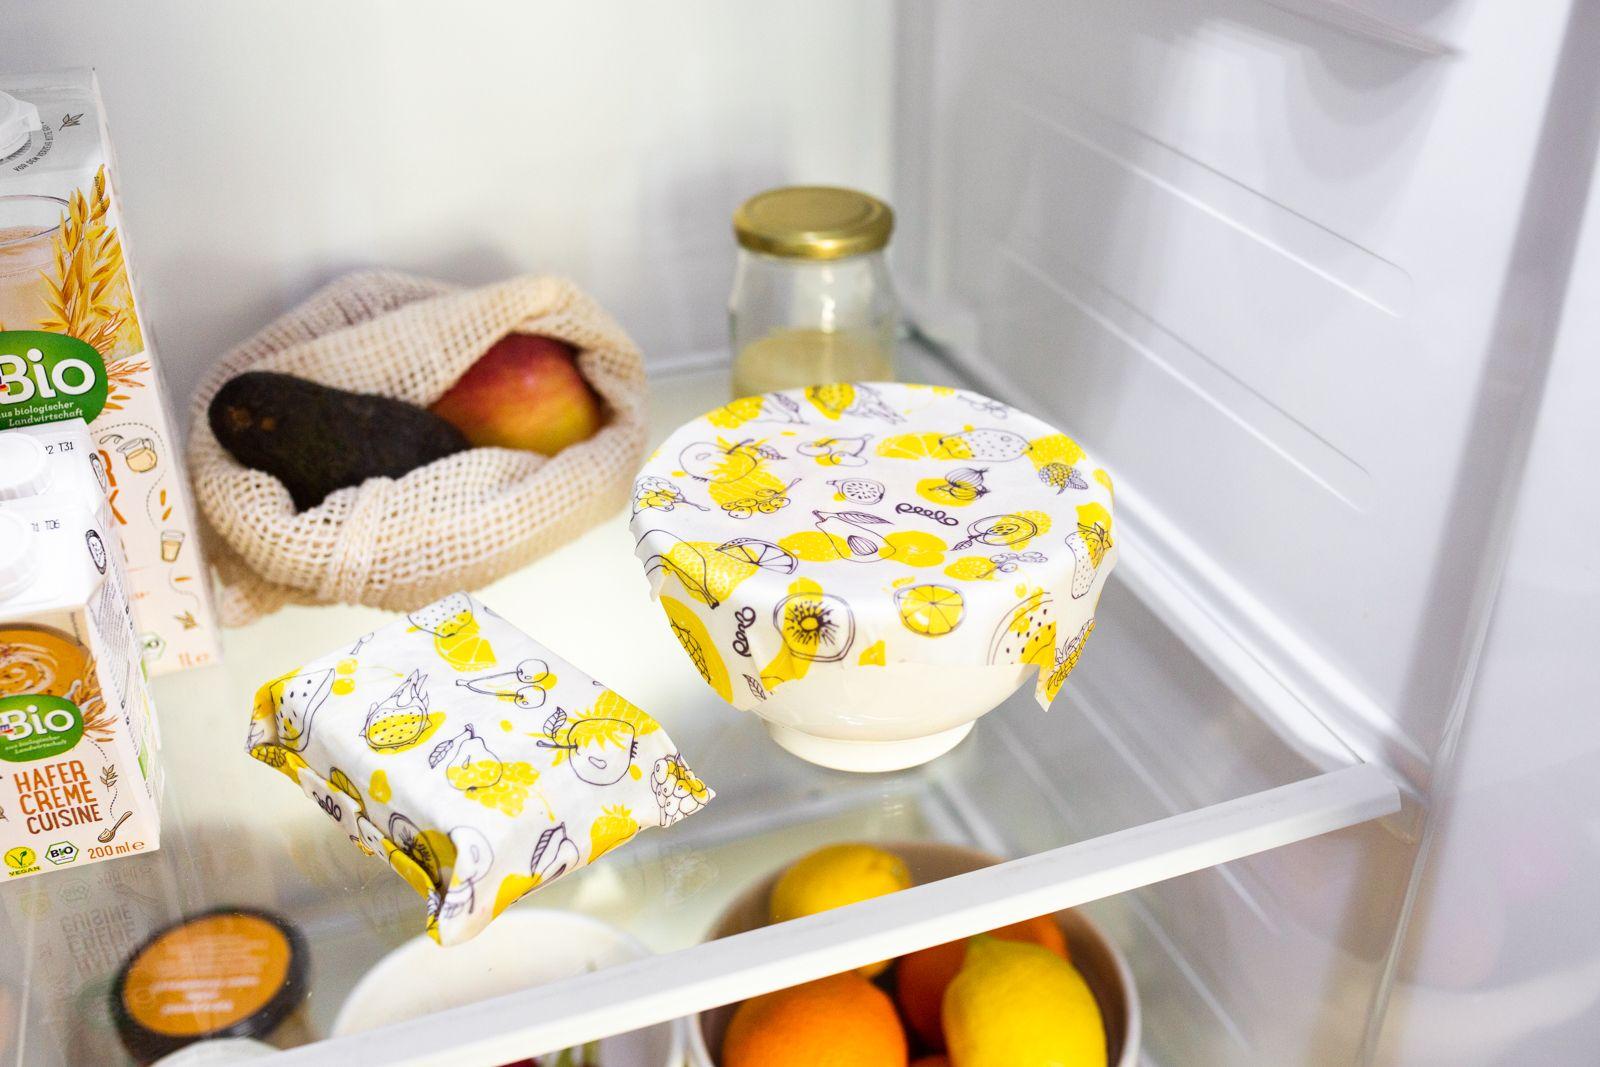 Znovupoužiteľné voskové obaly Peelo potrebuješ mať doma. Slovenský produkt ochráni potraviny aj planétu